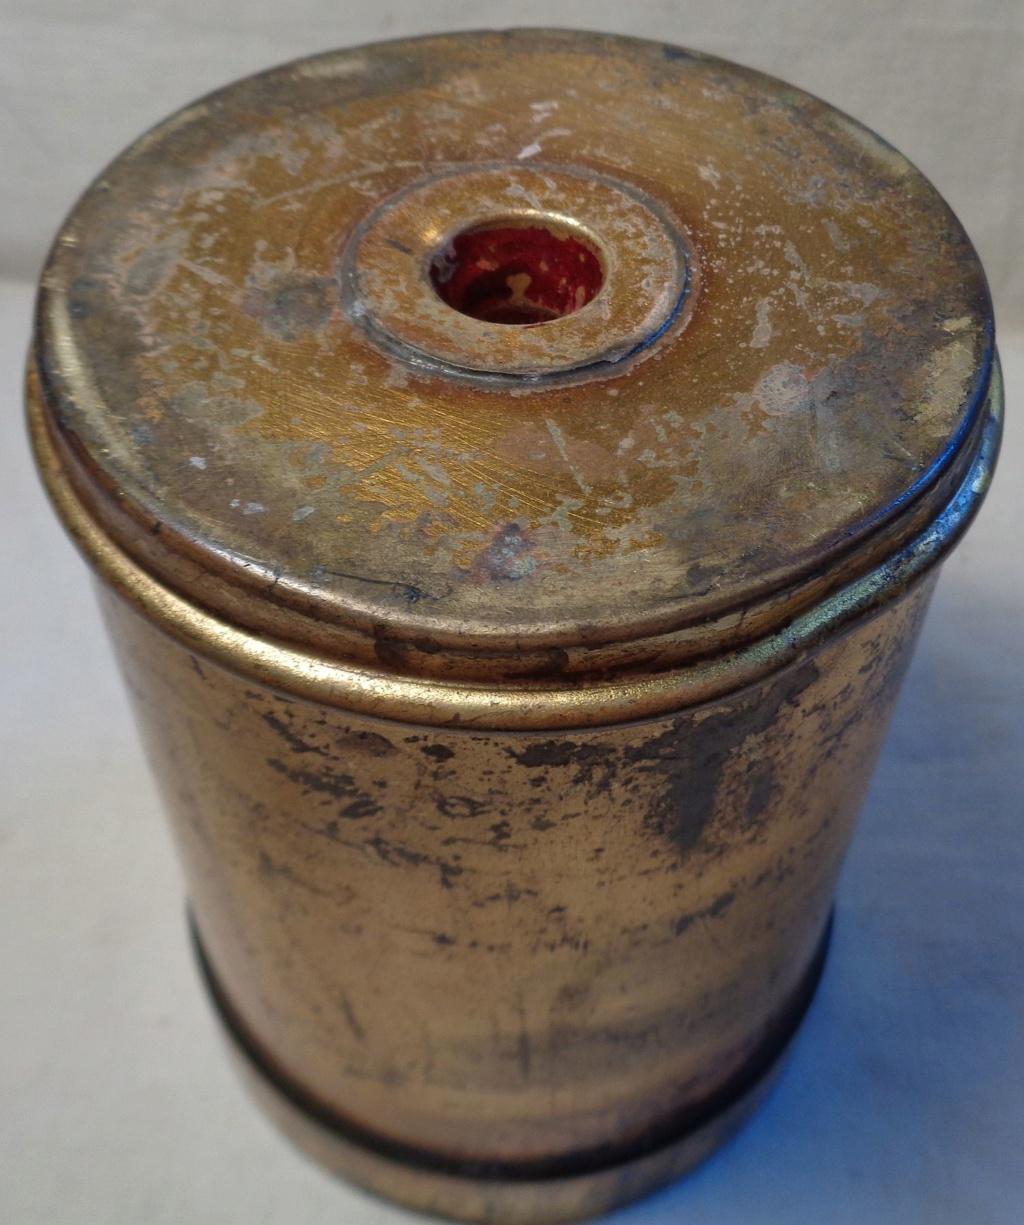 Boite a poudre en laiton ou en bronze datée 1945 ?  Dsc04335